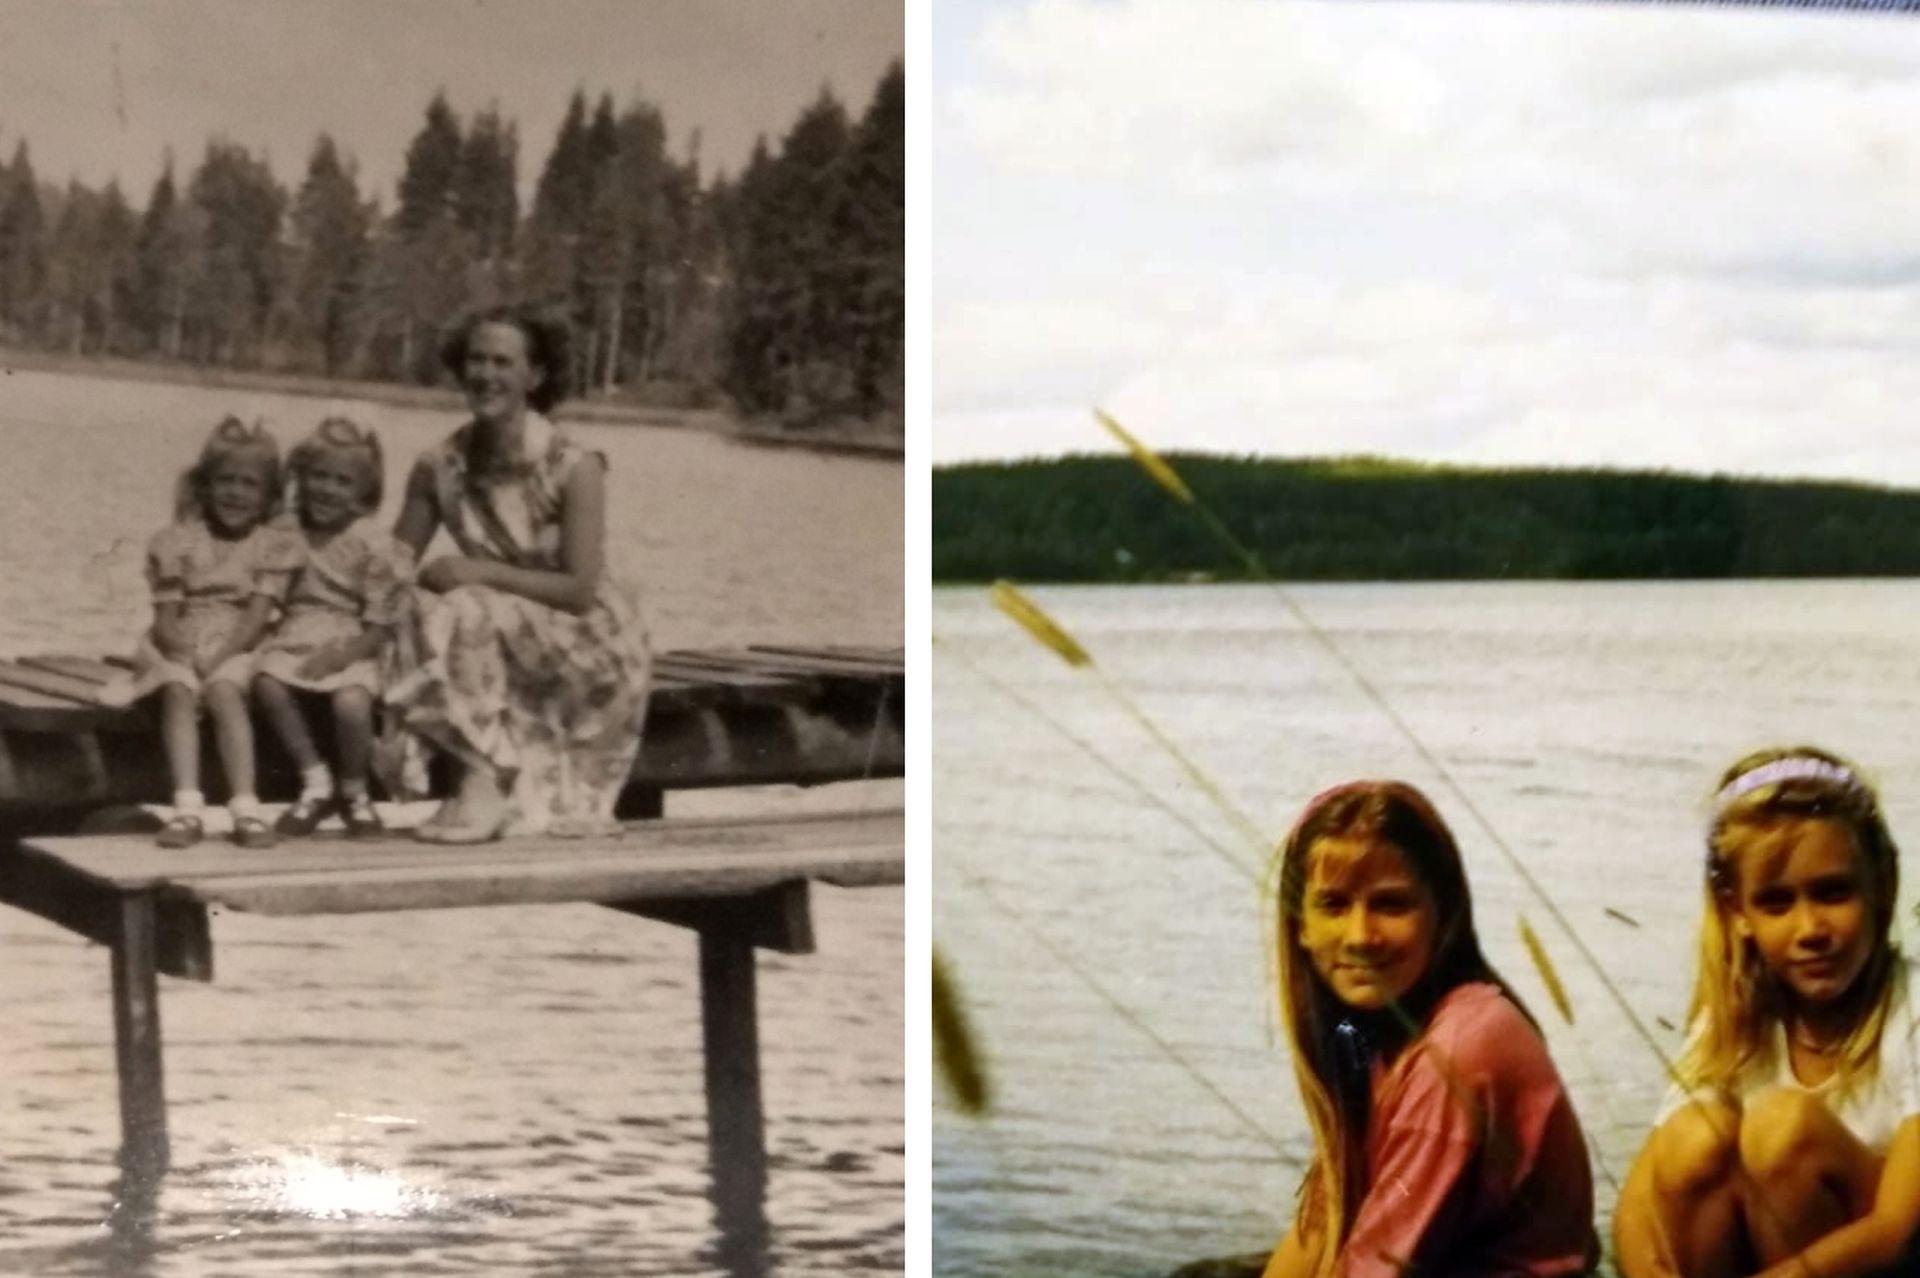 Izq: Merja y Didi, junto a su madre, que fue enfermera durante la guerra. A Finlandia se lo llama el país de los mil lagos, aunque lo cierto es que tiene un total de 187 888 lagos, de los cuales 56 000 tienen más de una hectárea. Der: En 1993, Merja llevó a sus hijas menores a conocer Finlandia.